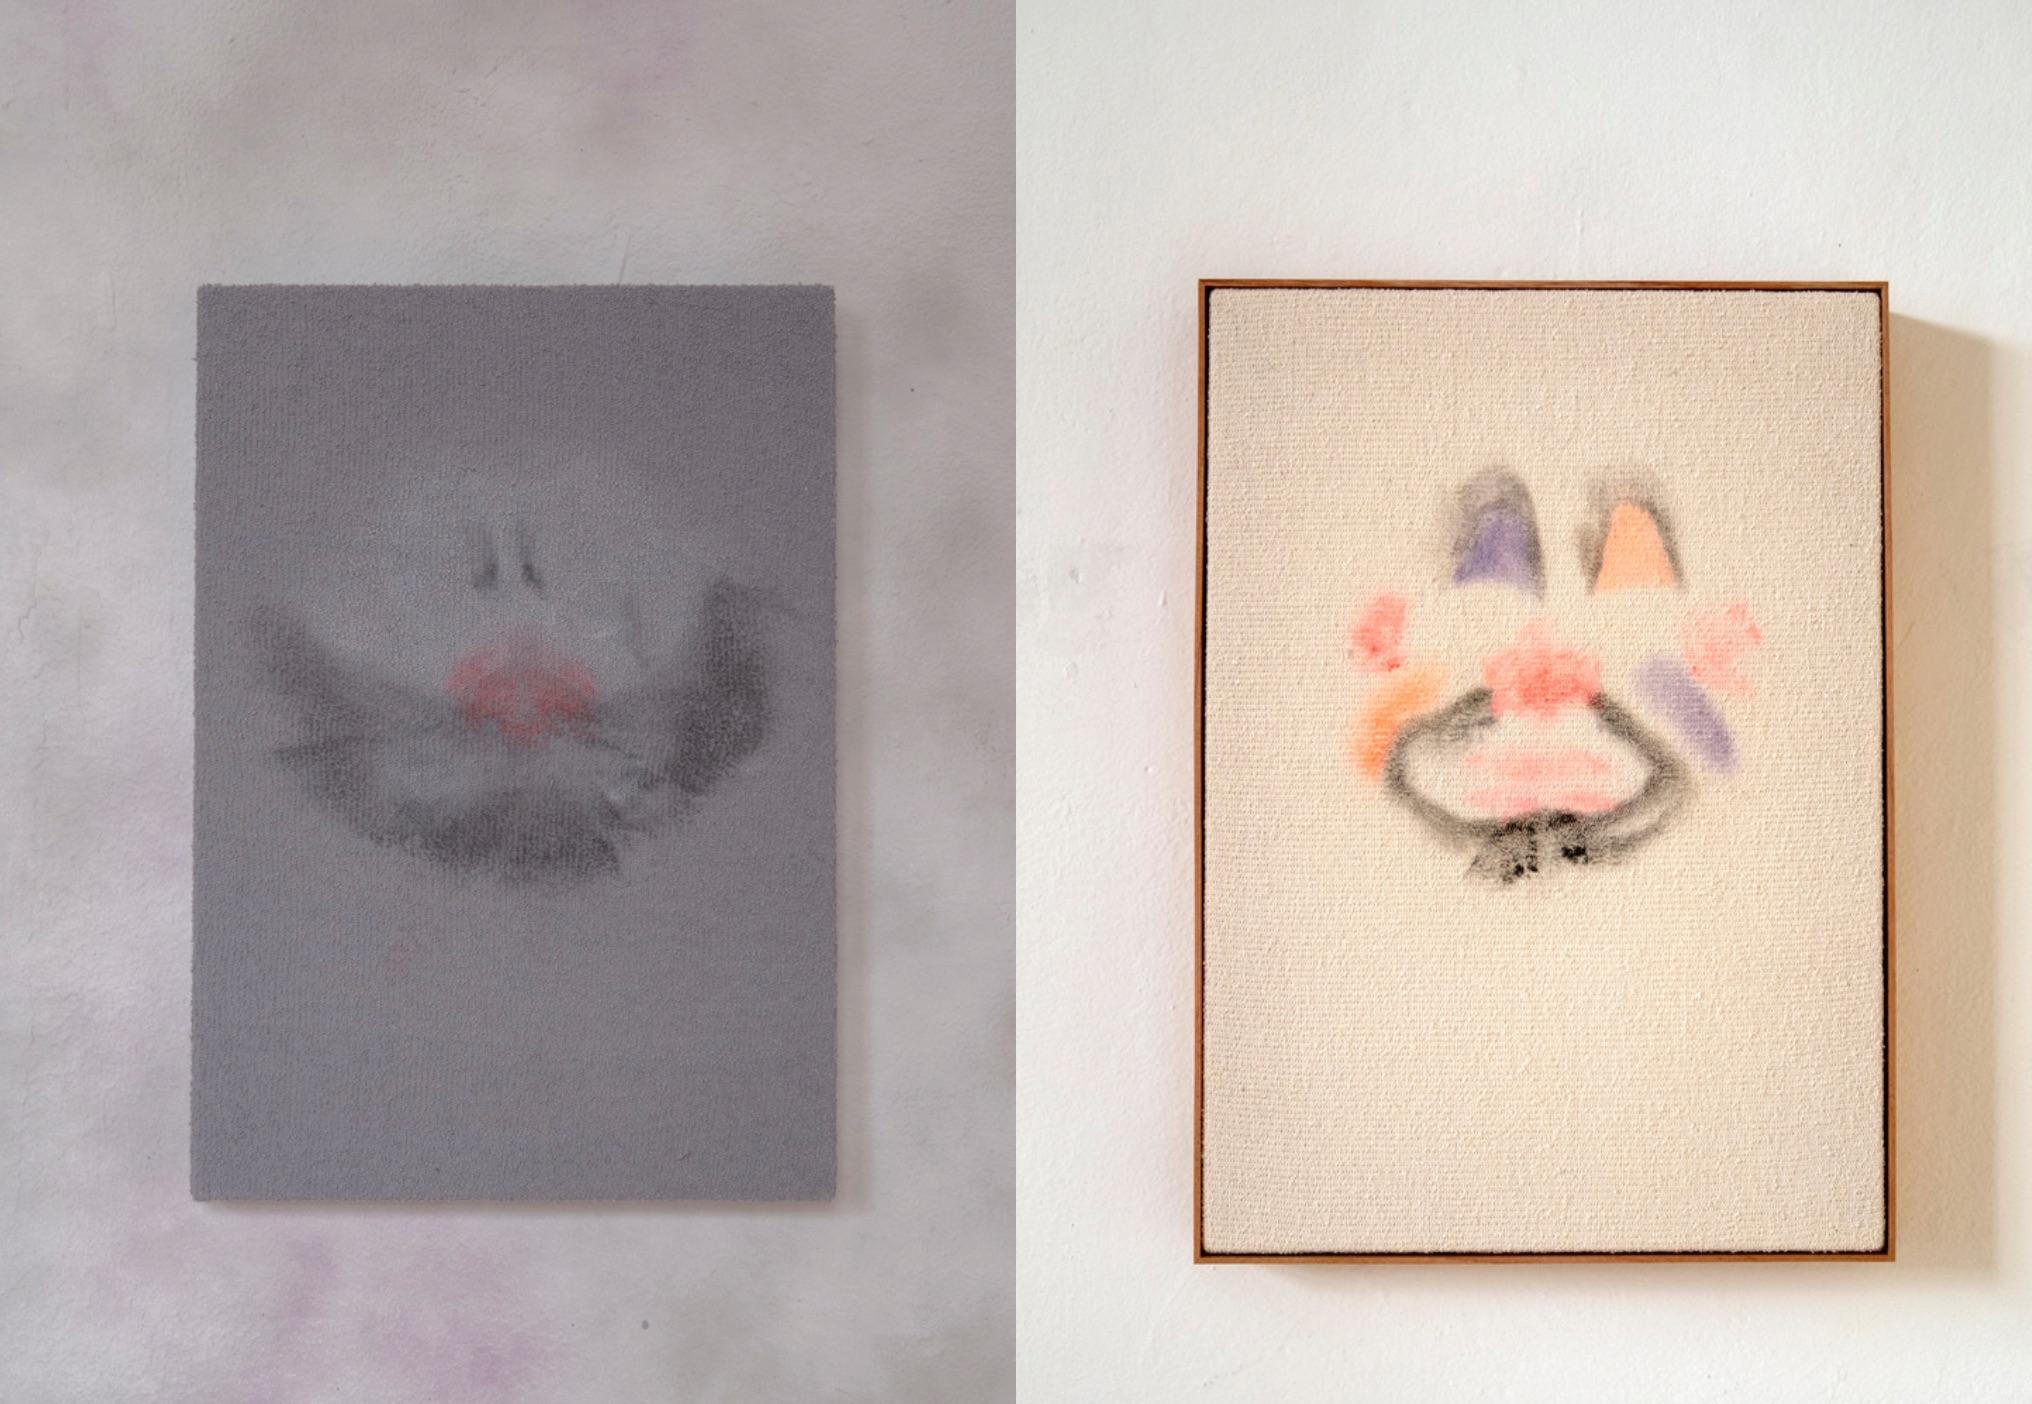 Vista de la exposición Soy un extraño para Dios/ para la policía/ para mí mismo…  y para mis amigos, Juan Caloca, 2020, Estudio Marte. Cortesía del artista